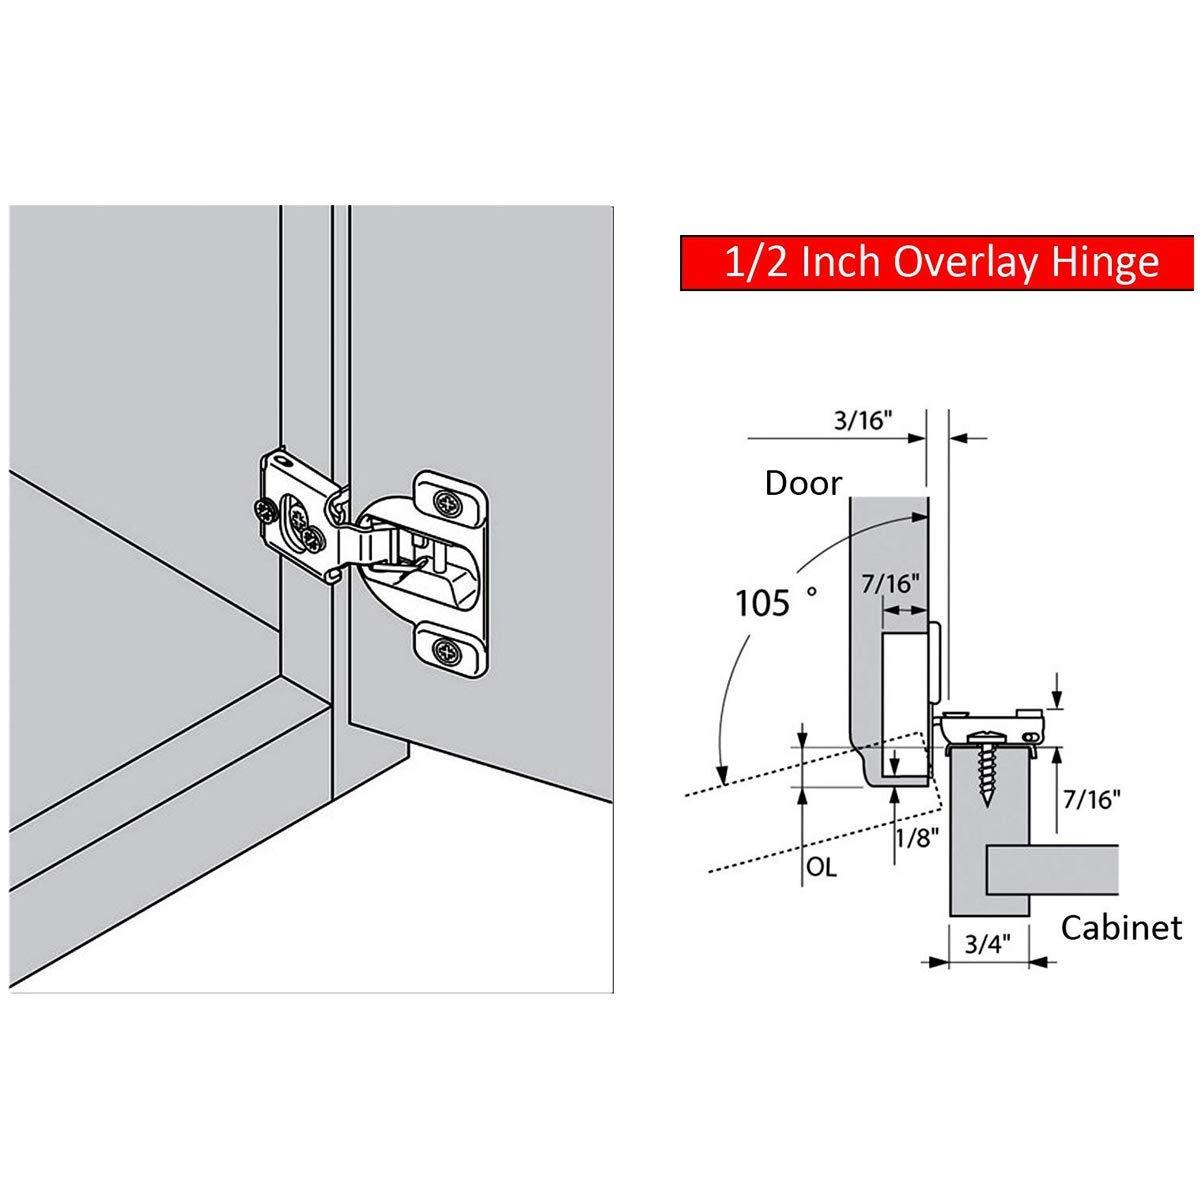 AmazonBasics Soft Close Hinge, 1/2'' Overlay, Nickel Plated, 50-Pack (Renewed) by AmazonBasics (Image #5)